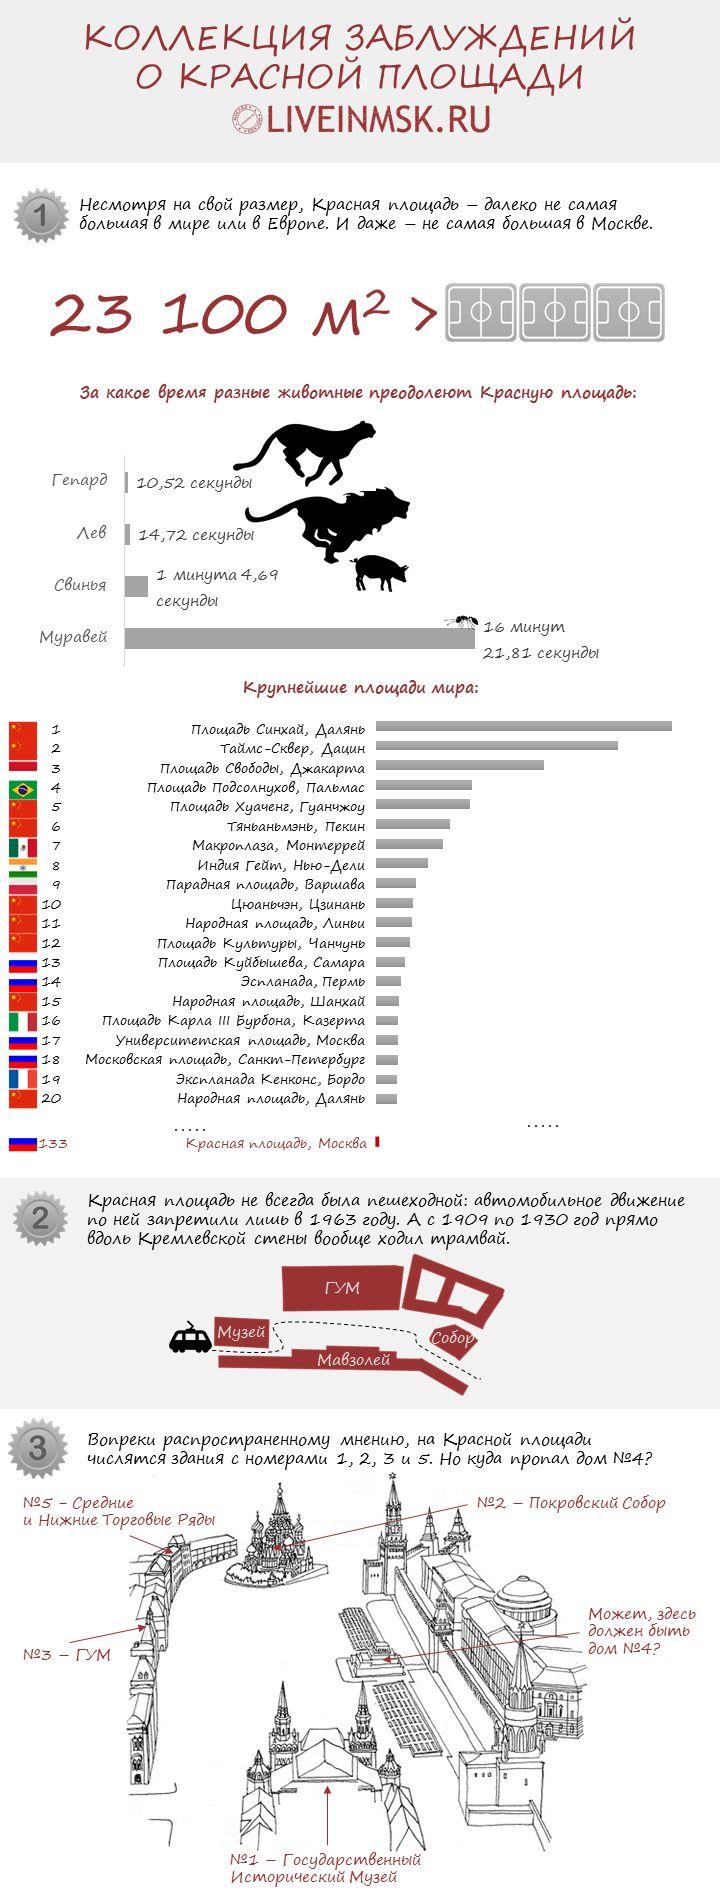 #Инфографика: Москва, Красная площадь. Заблуждения и факты.